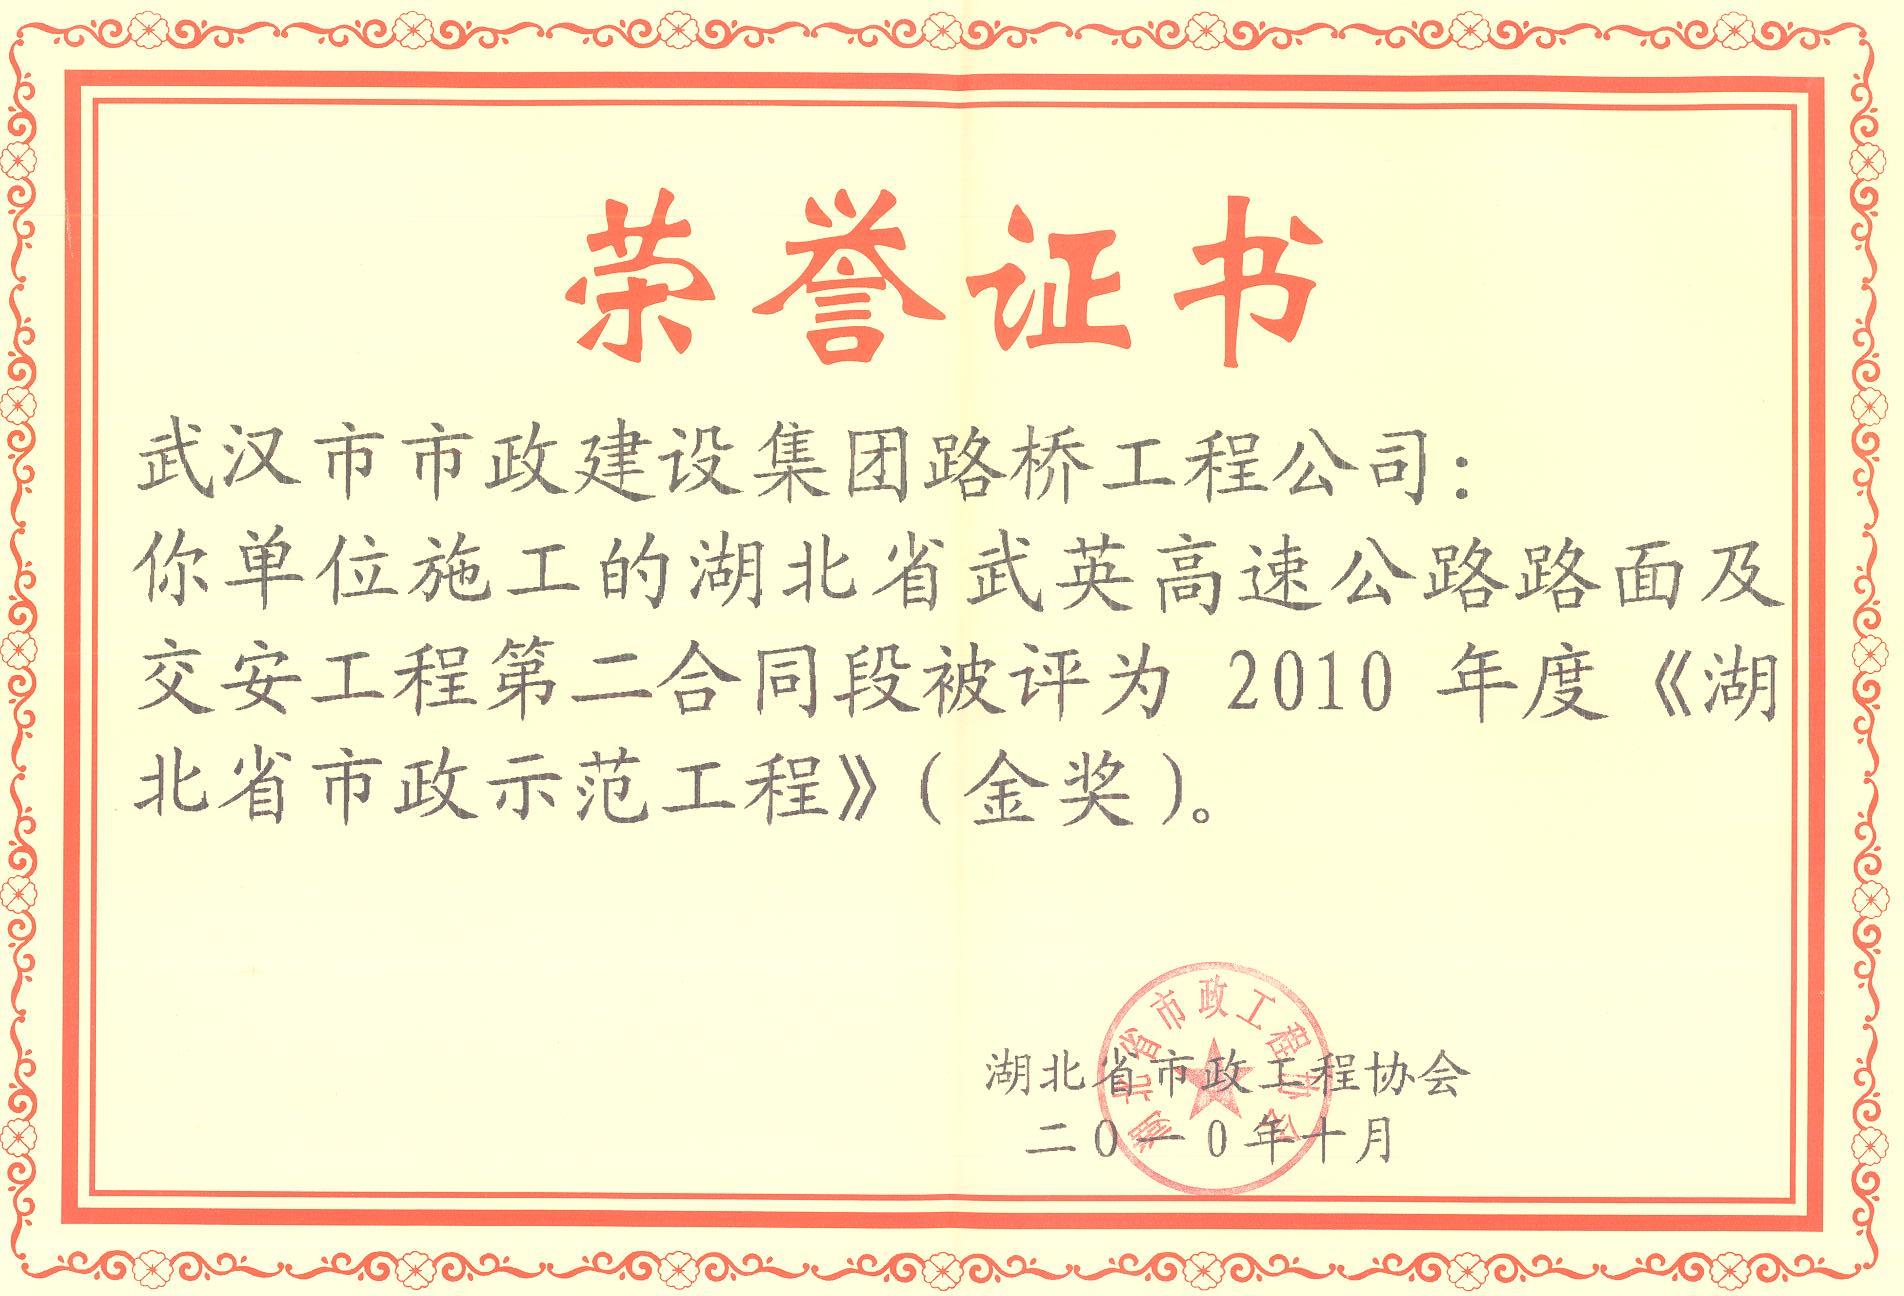 2010年度湖北省市政示范工程金奖